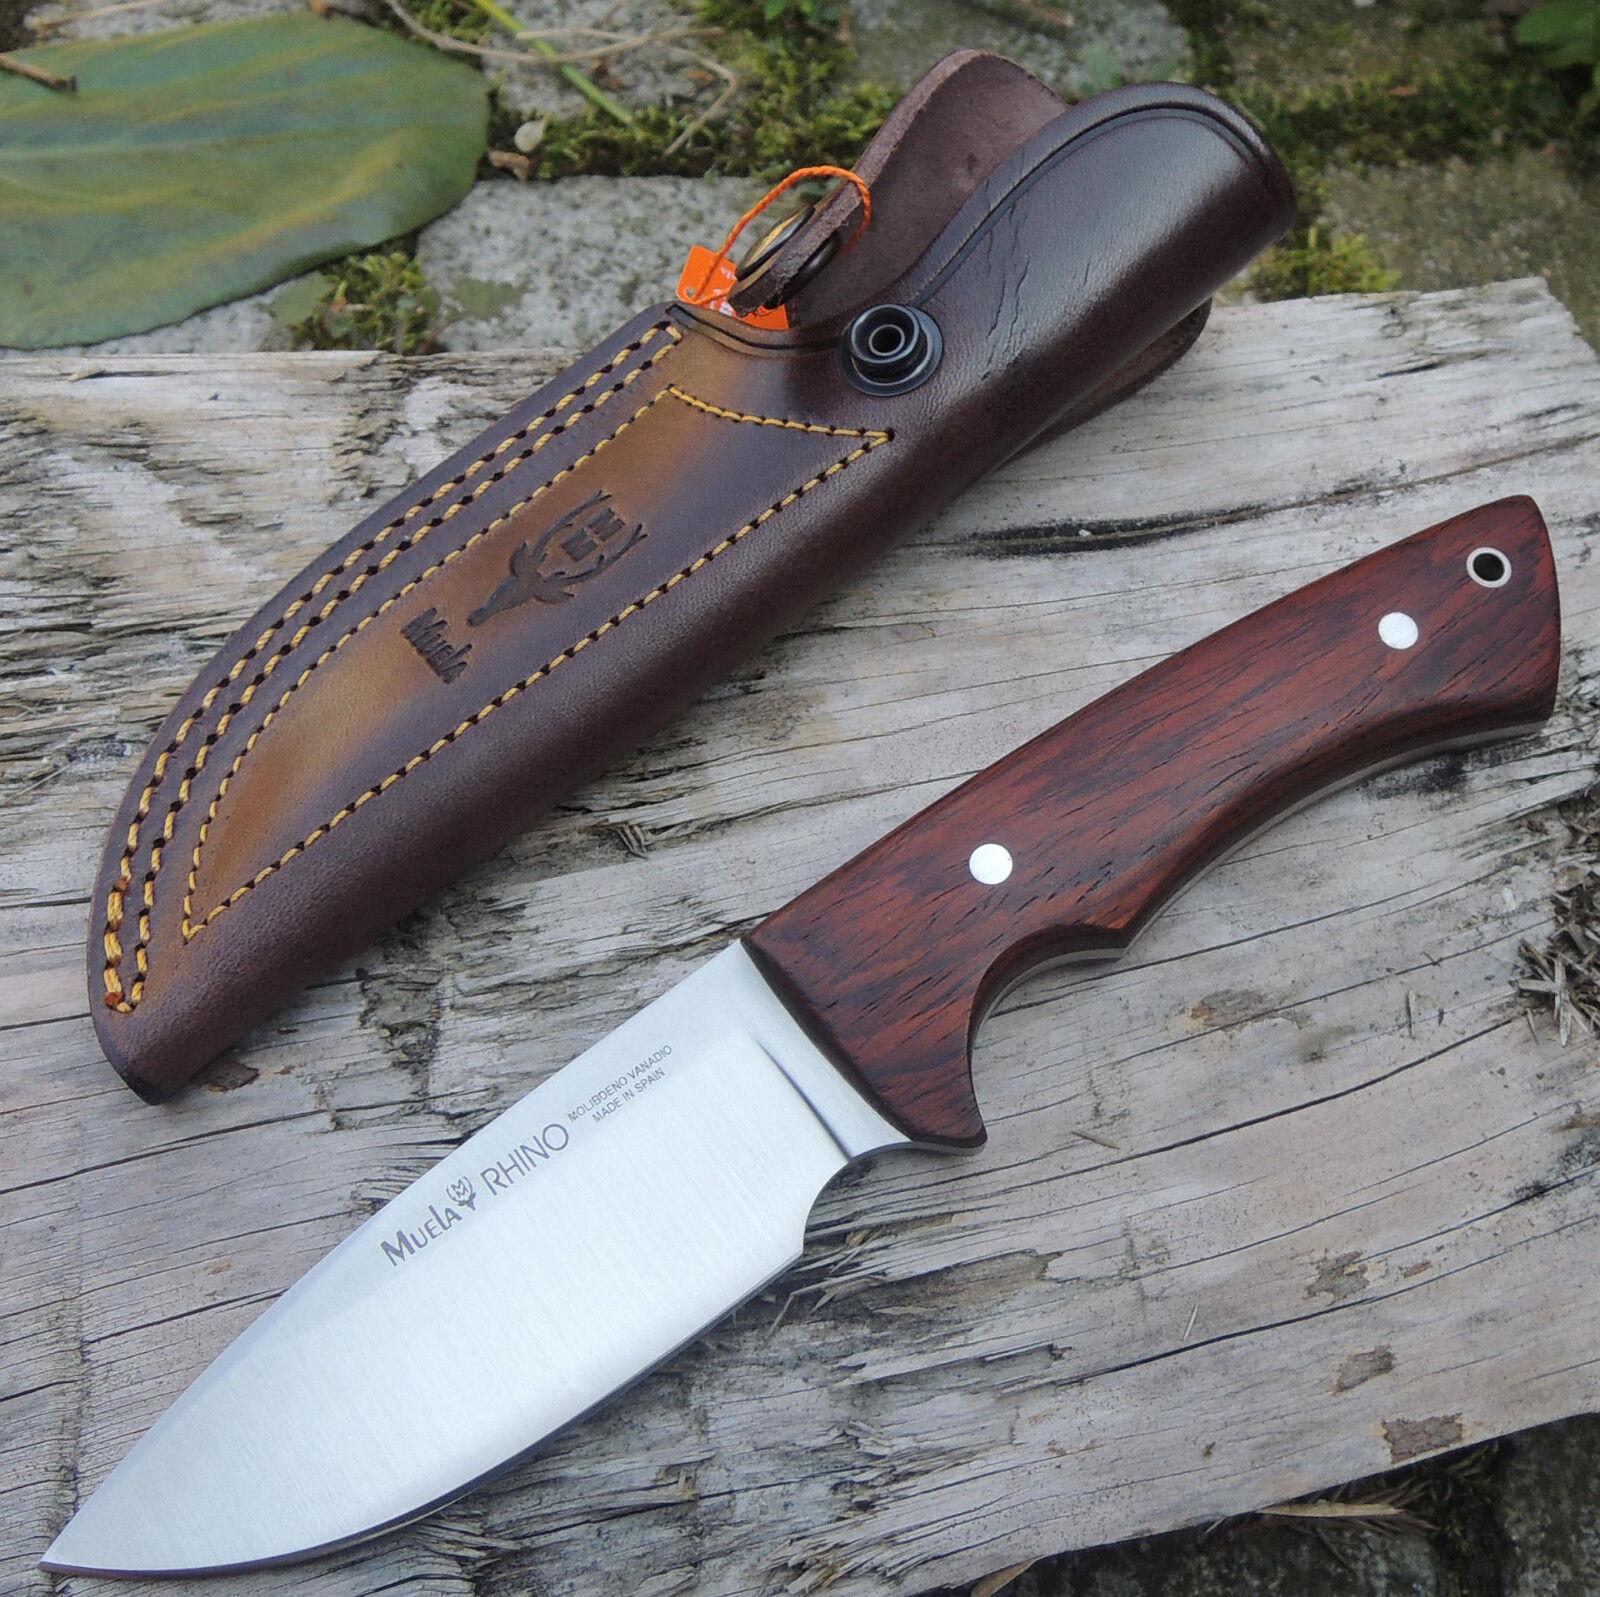 Muela Rhino Cocobolo Jagdmesser Jagdmesser Jagdmesser Messer 14C28N Sandvik Stahl + Lederscheide  | Kaufen Sie beruhigt und glücklich spielen  ec10ab